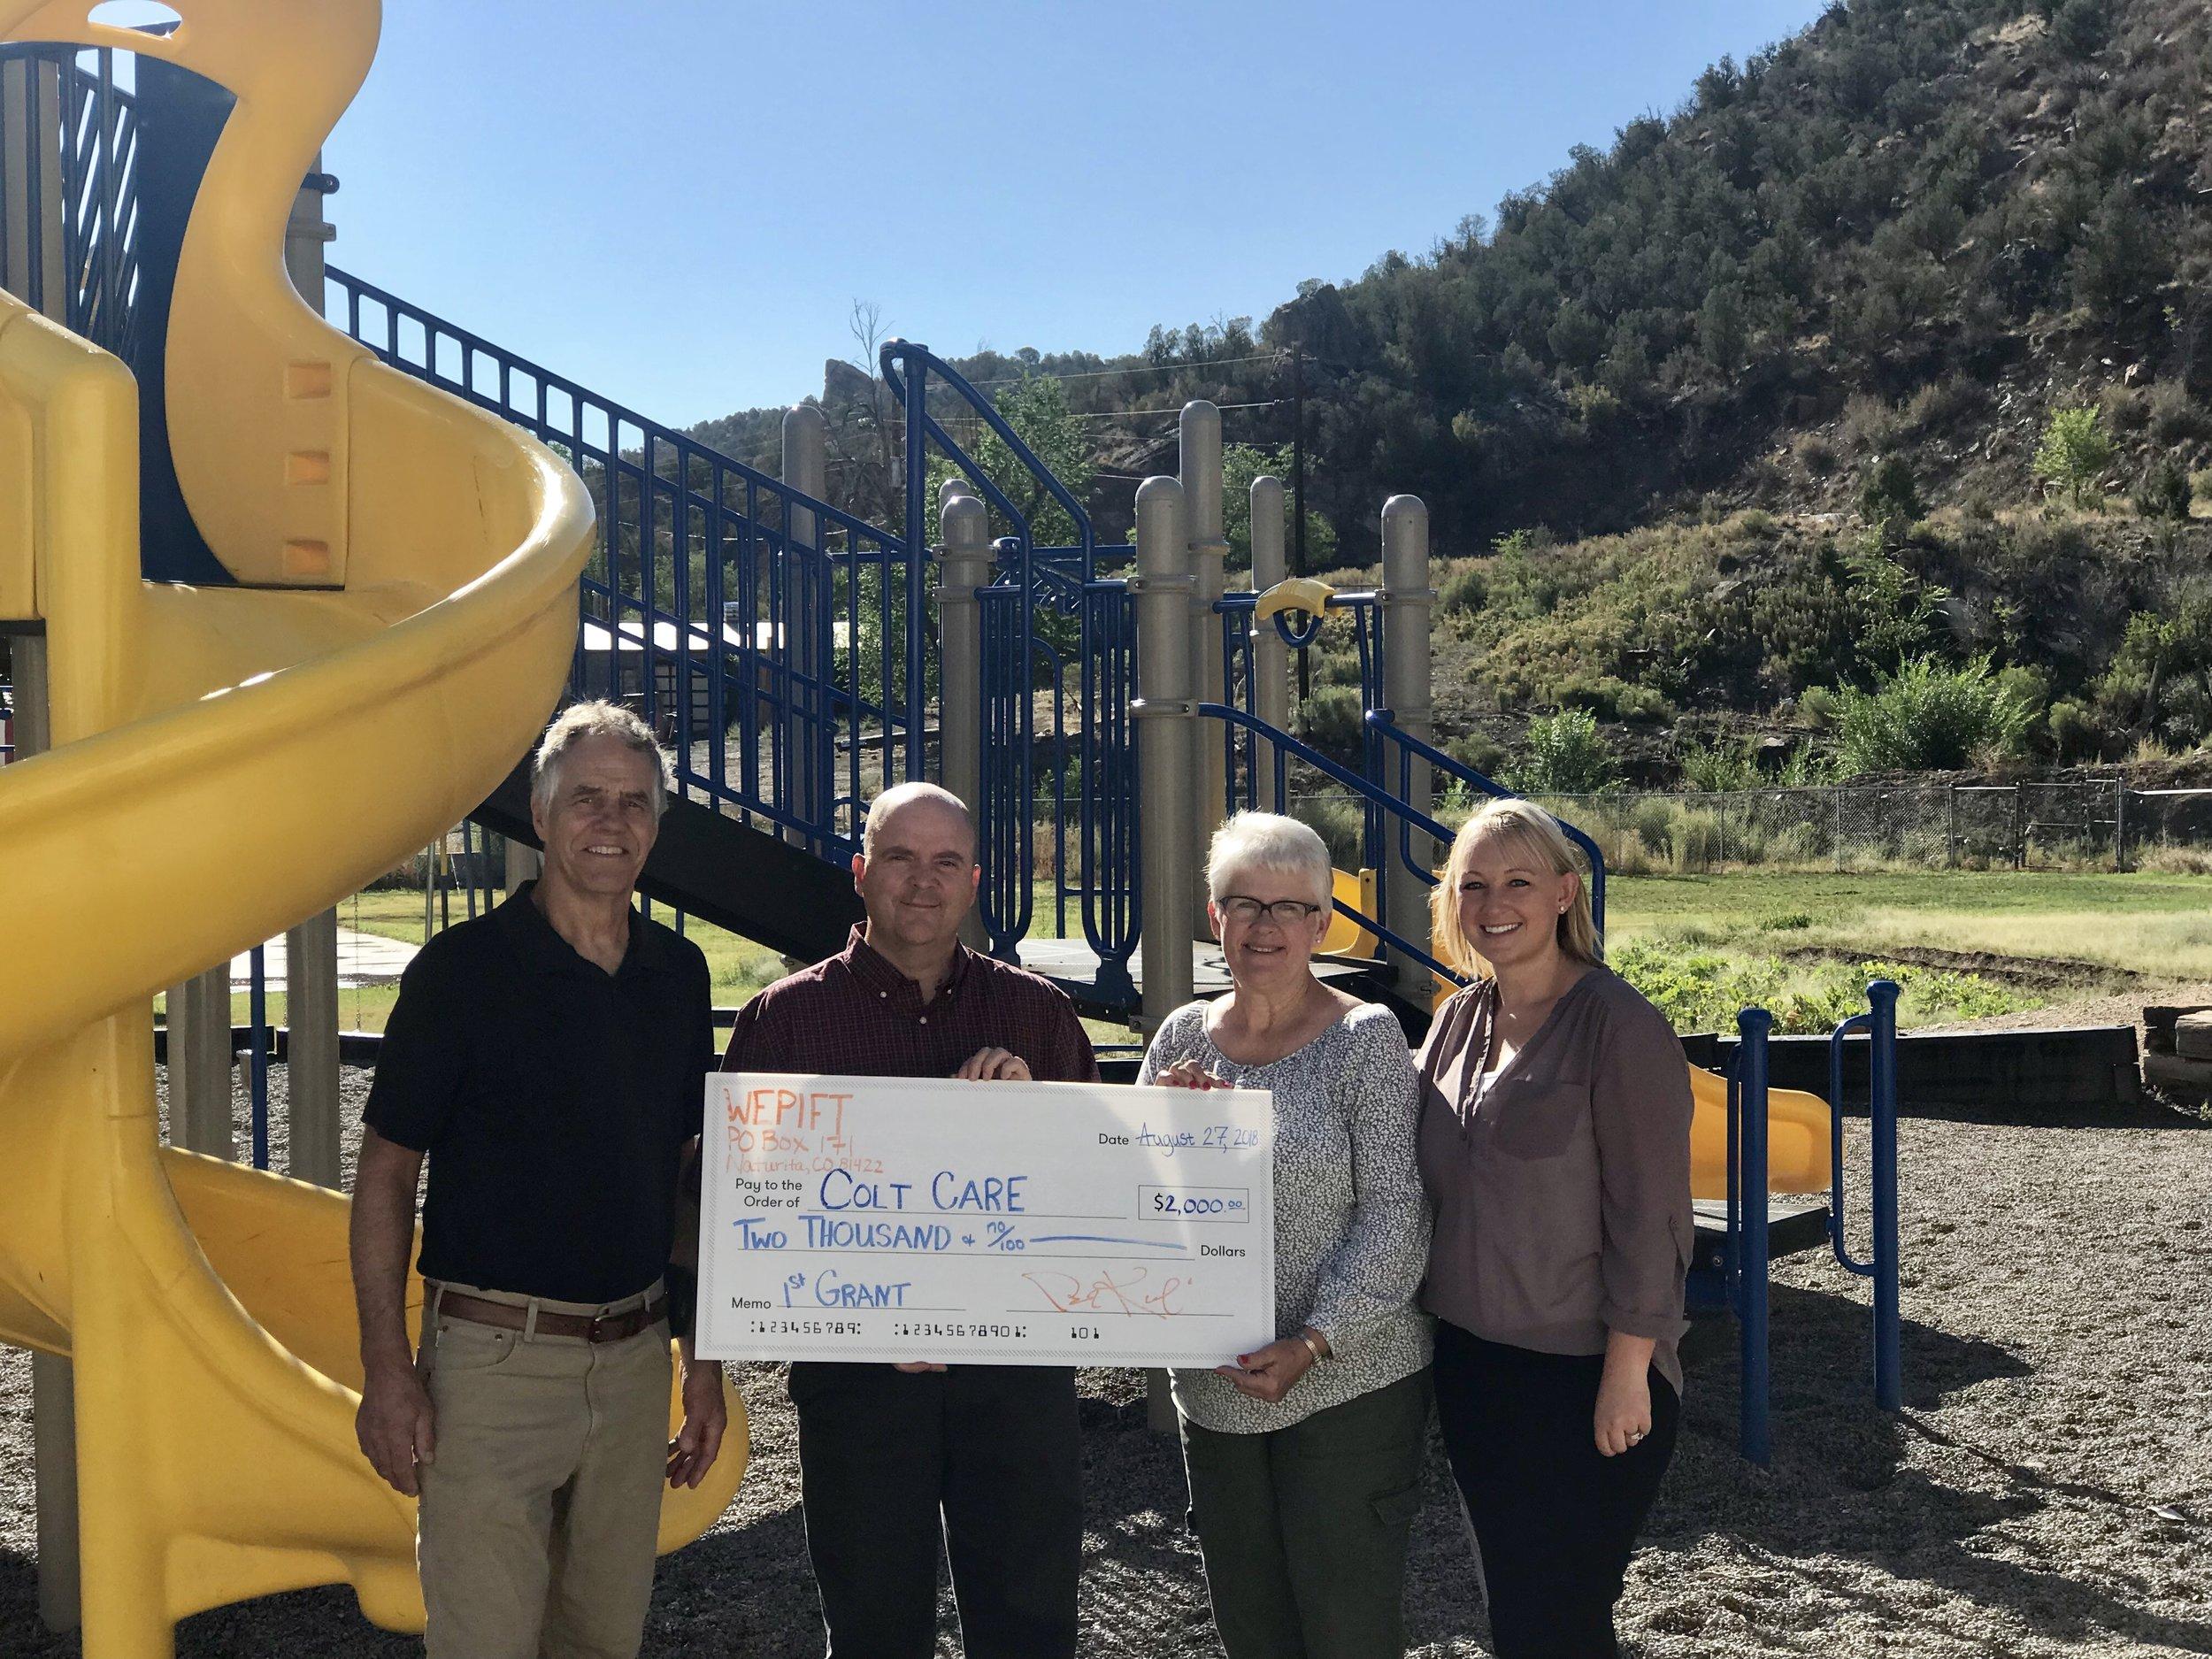 2018 grant award to Colt Care daycare center in Naturita.